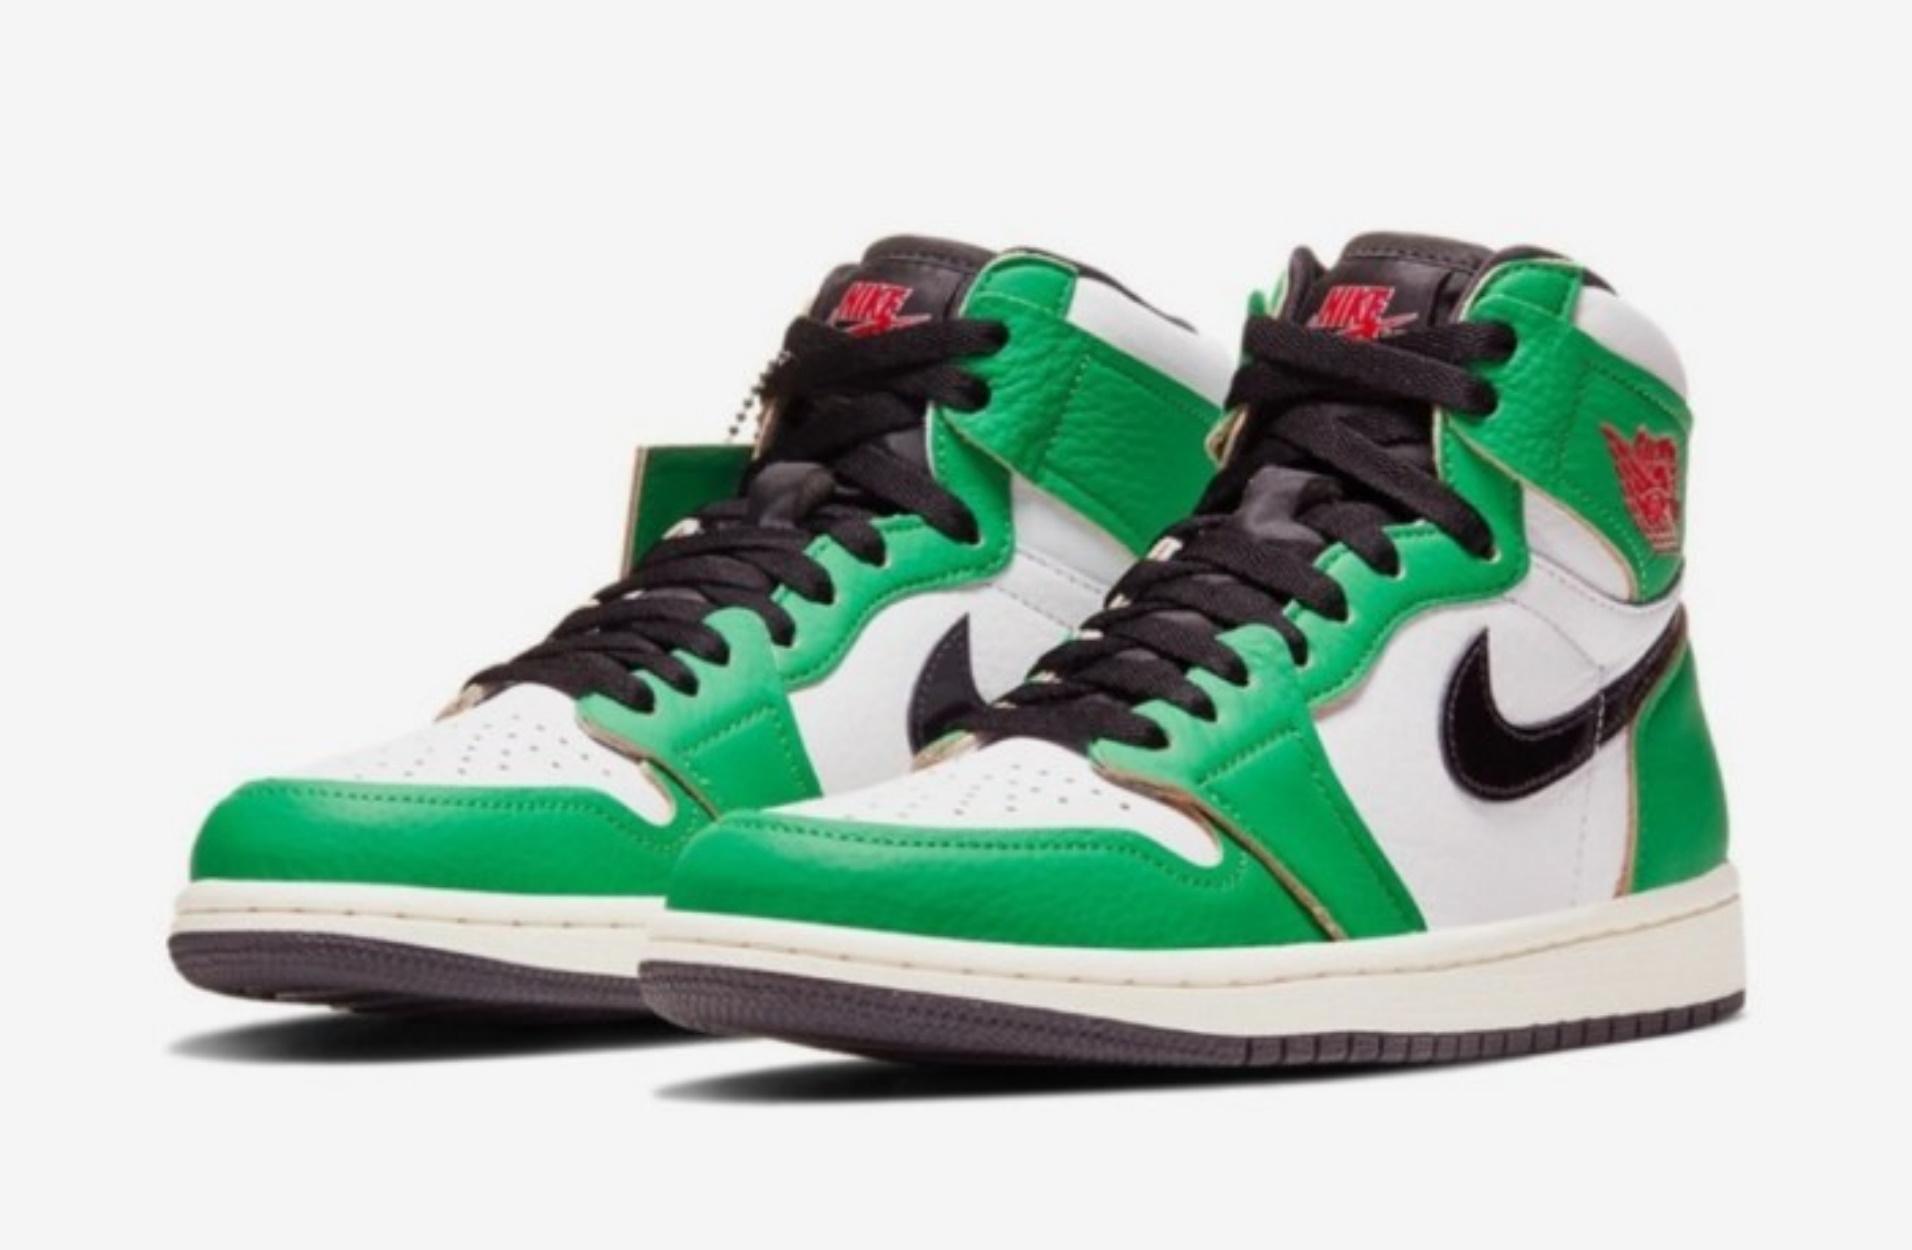 Τα 11 καλύτερα sneakers που φόρεσε ο Μάικλ Τζόρνταν